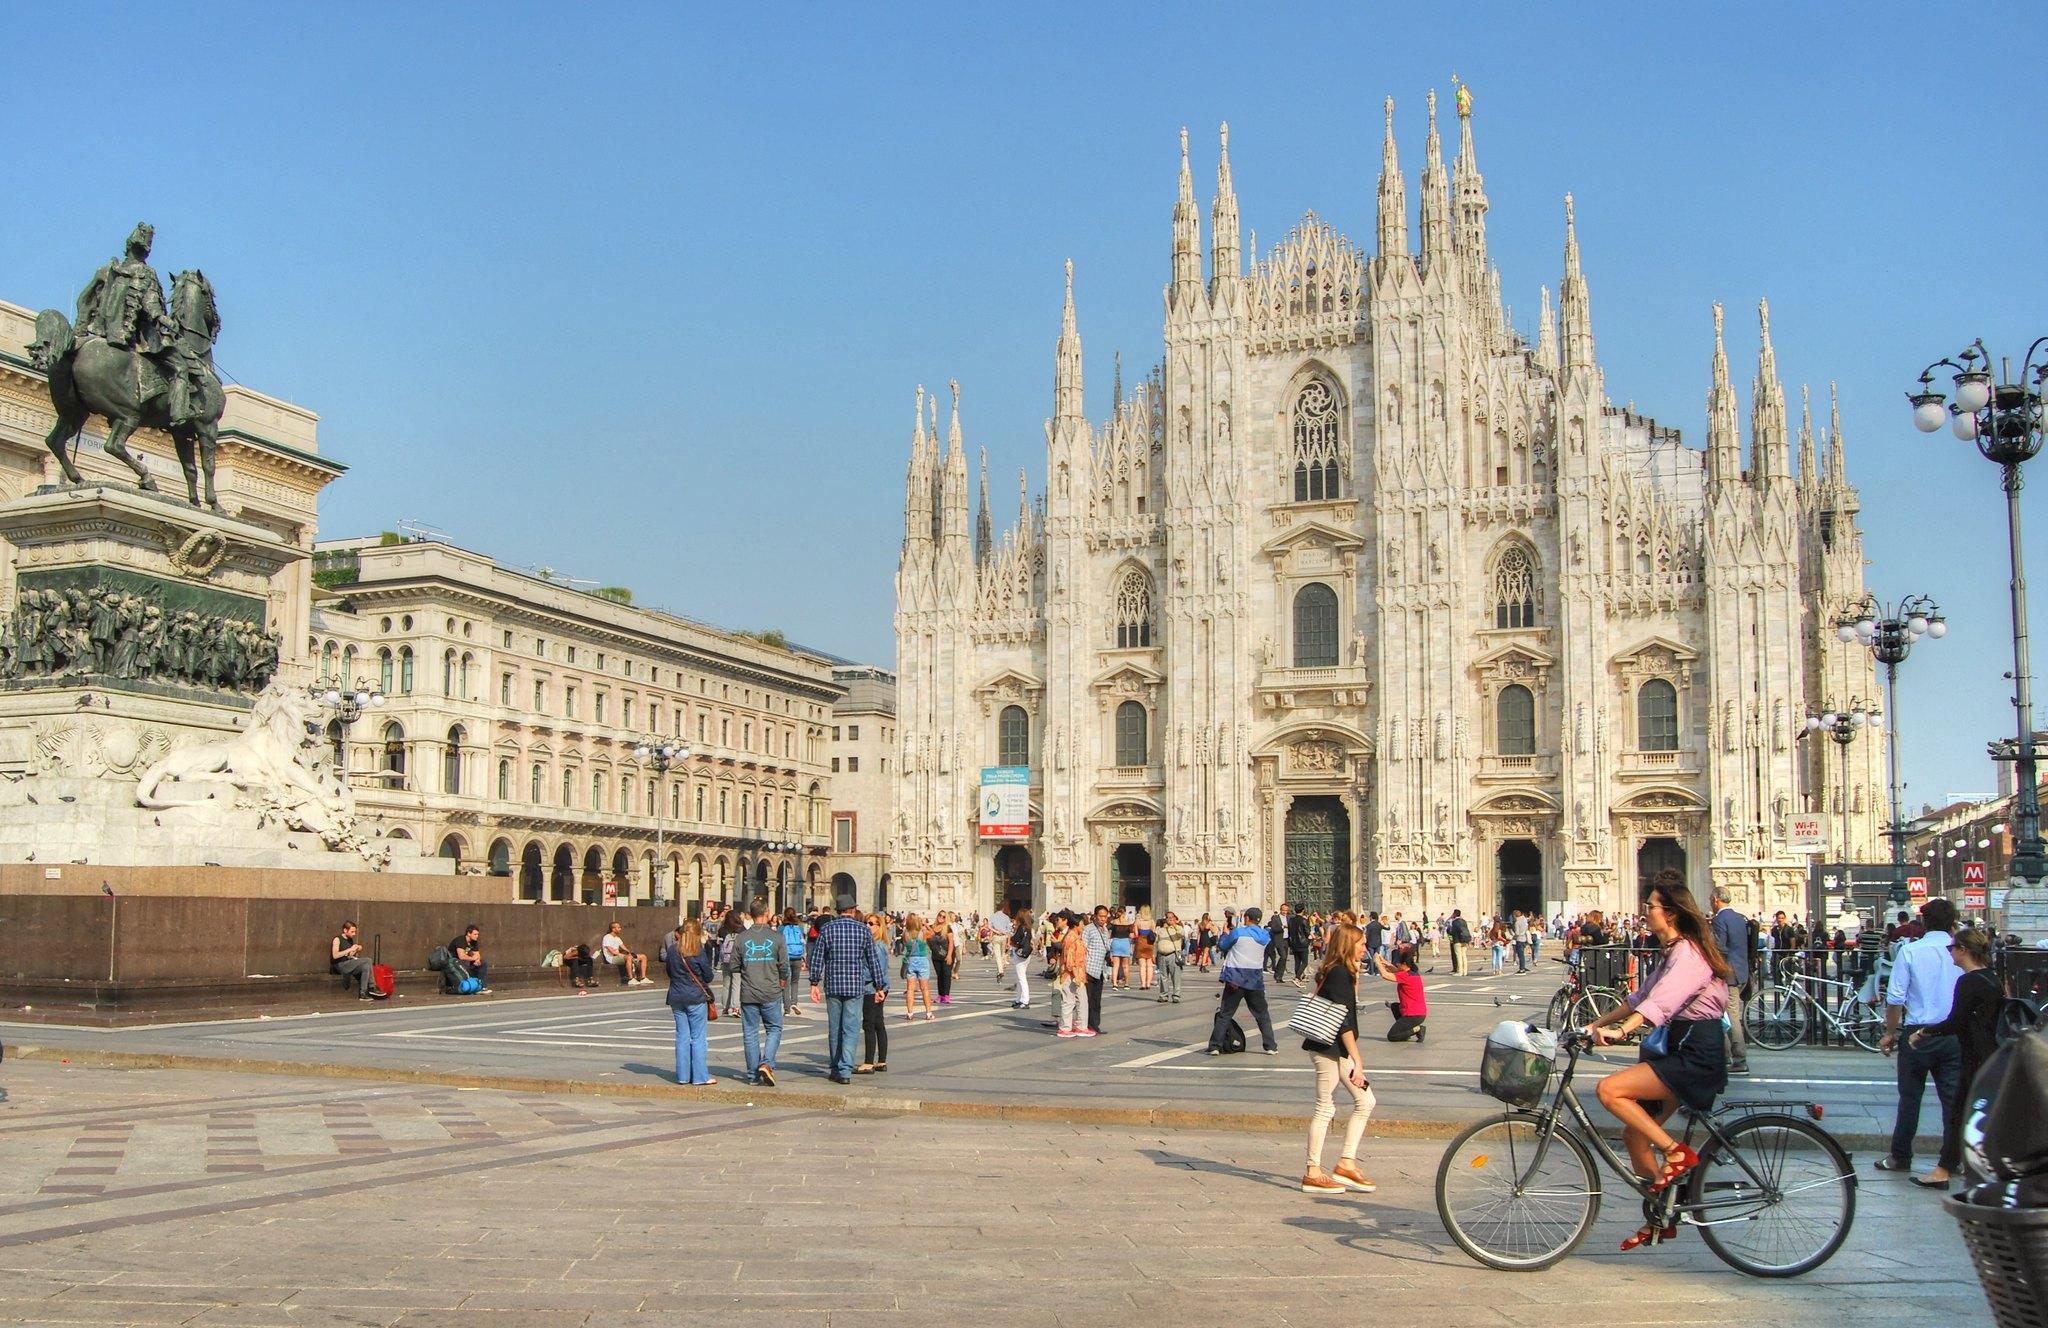 Il Duomo basilique de Milan